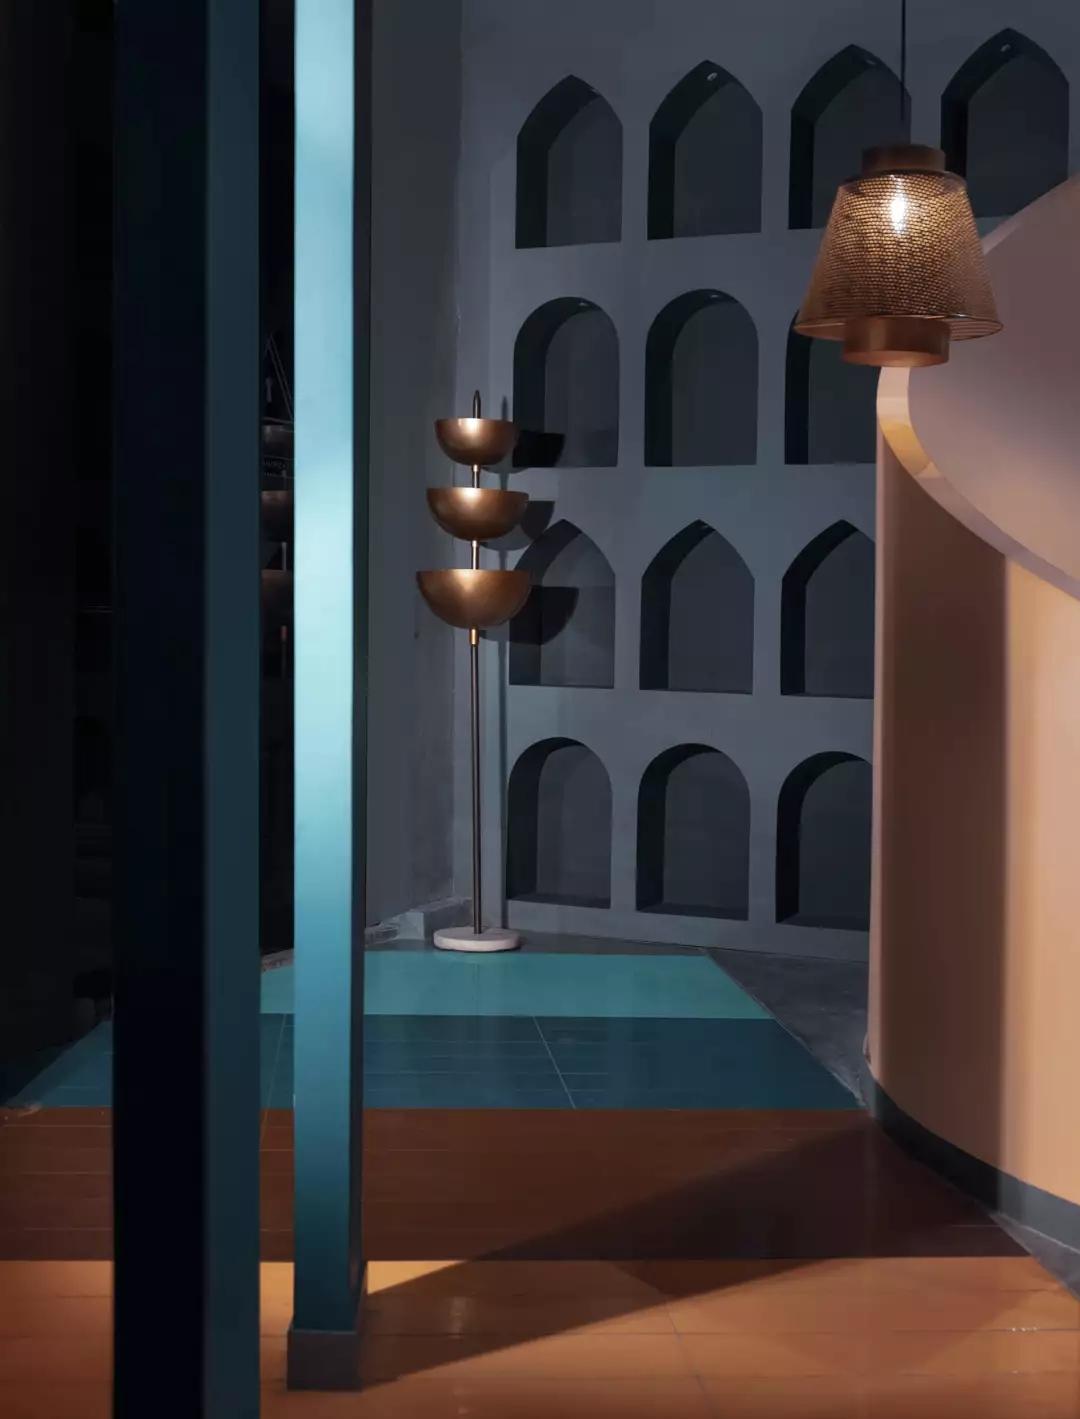 游戏主题酒吧餐厅,不仅空间设计独特而且趣味性十足